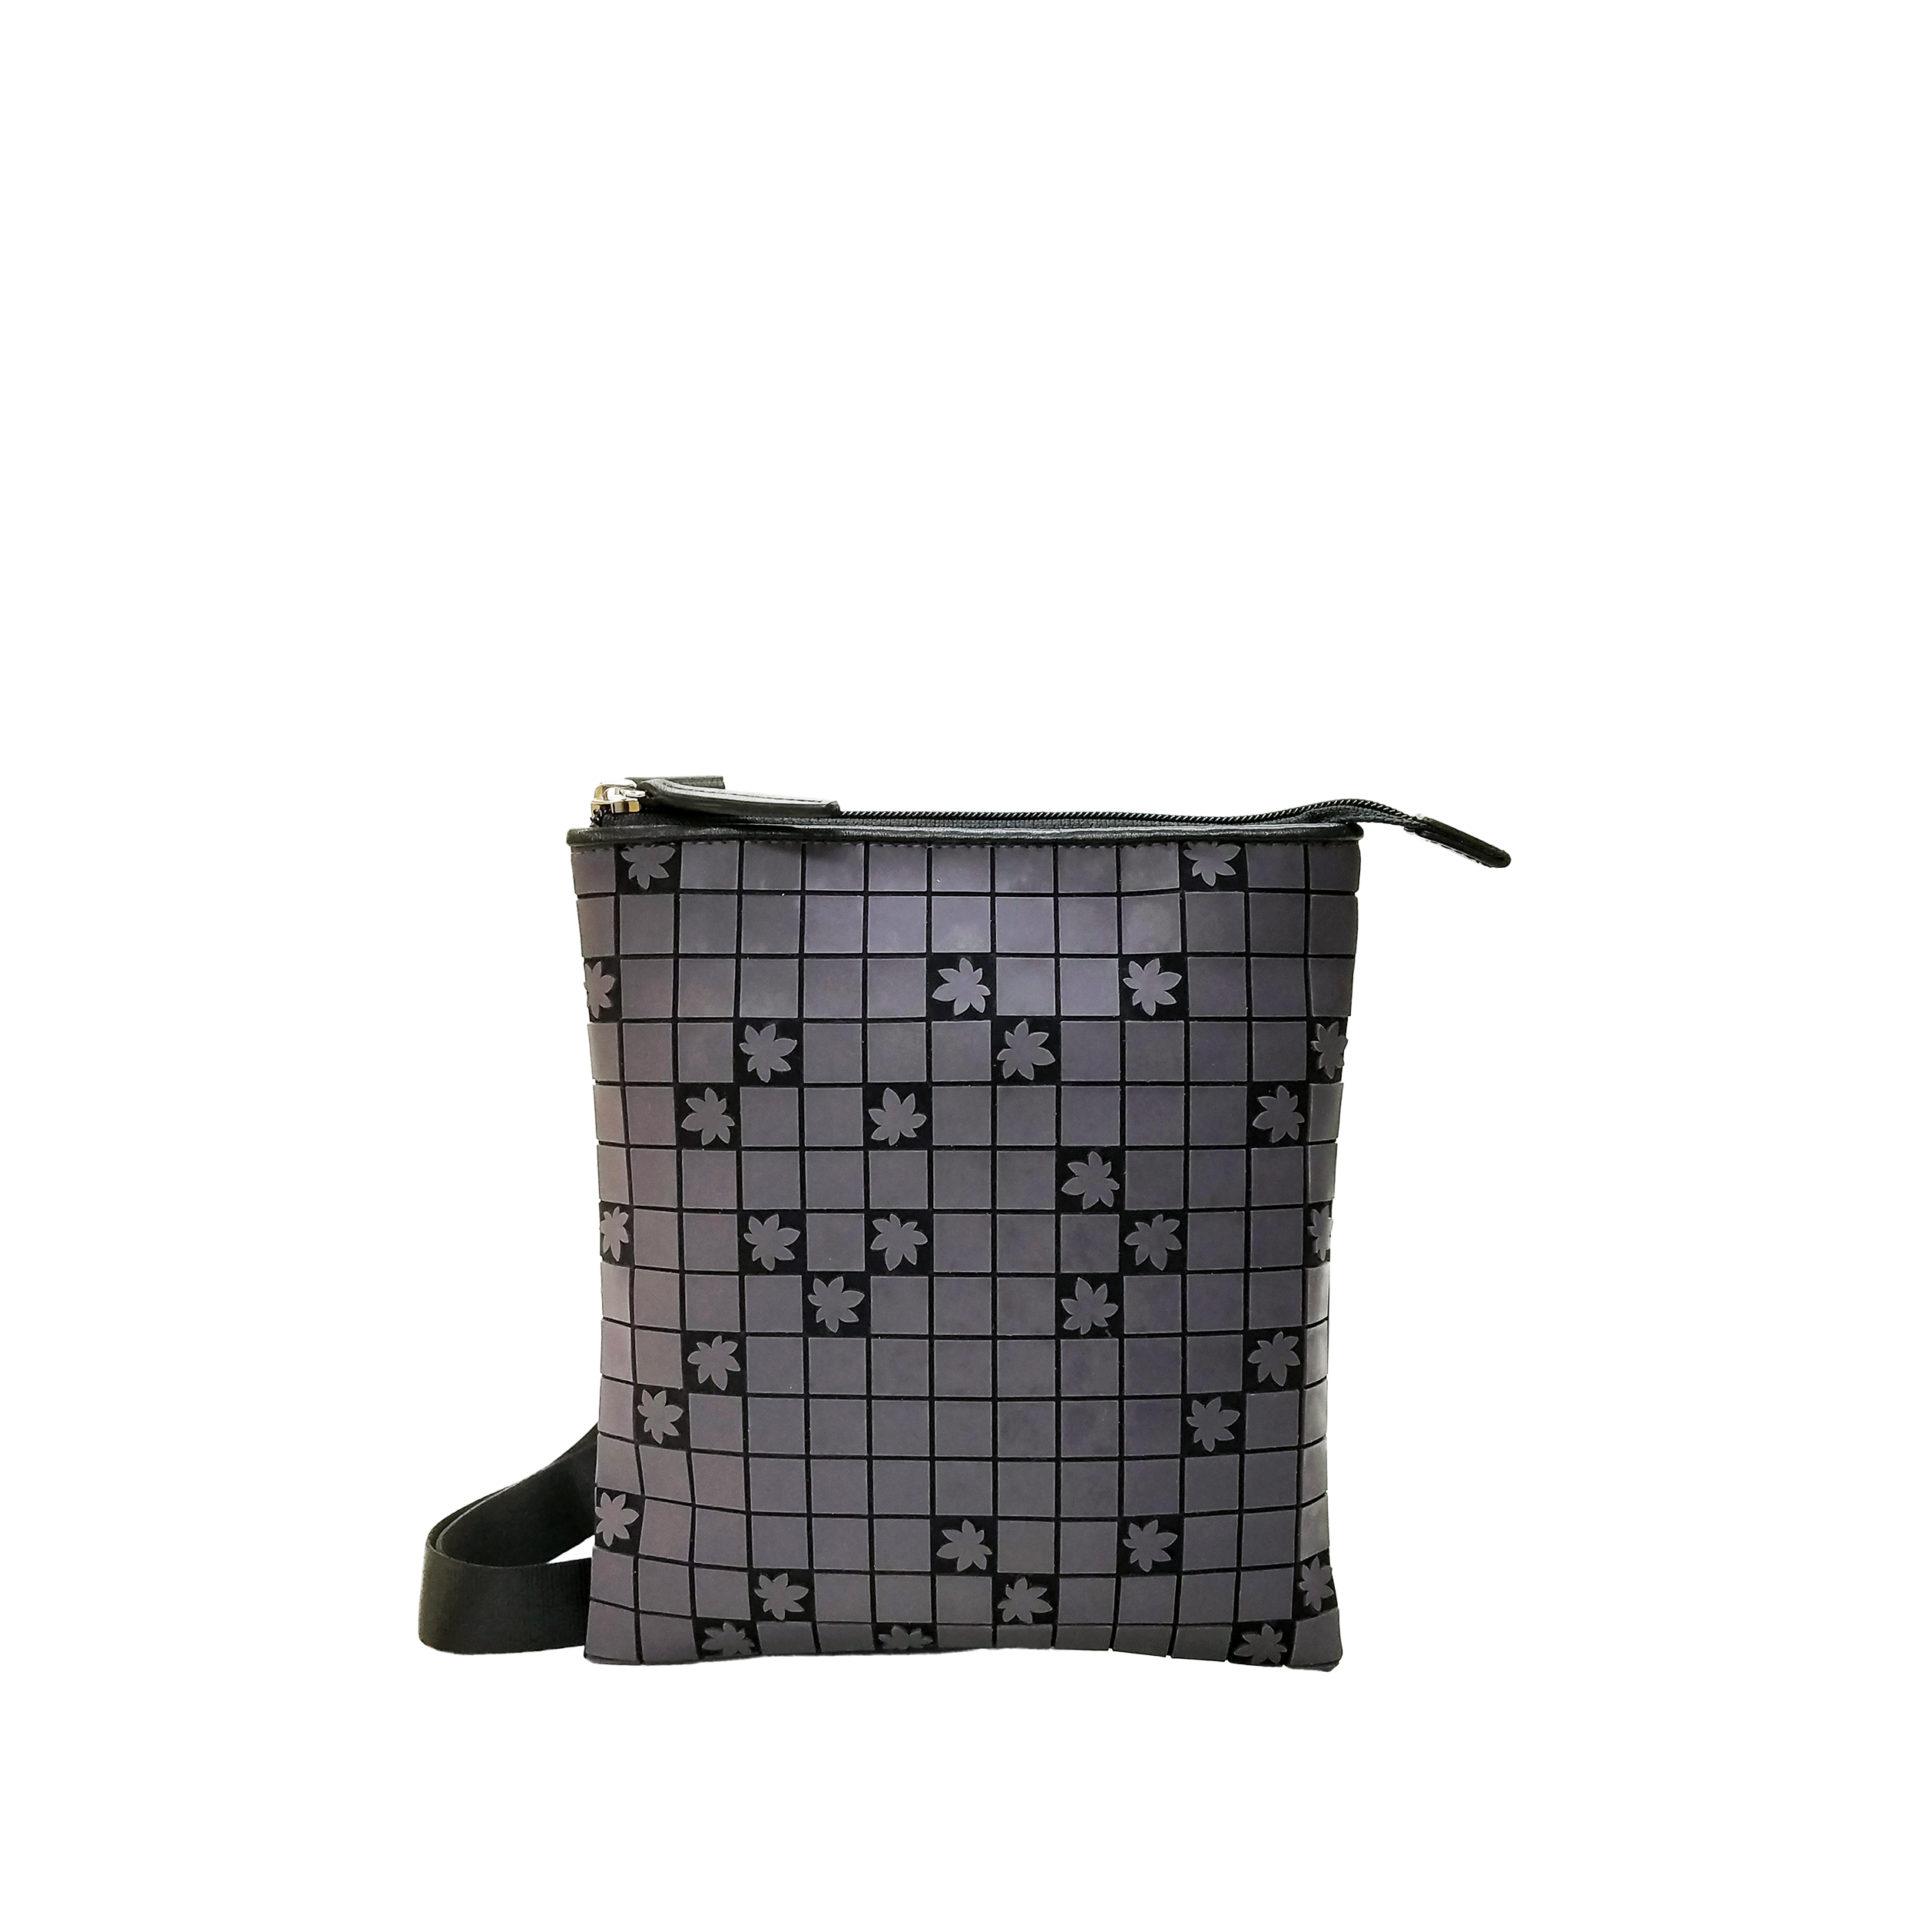 京都限定のELISIR caede KYOTO | エリシアカエデ京都のバッグシリーズ mat misto slim pochette tre black | caede京都